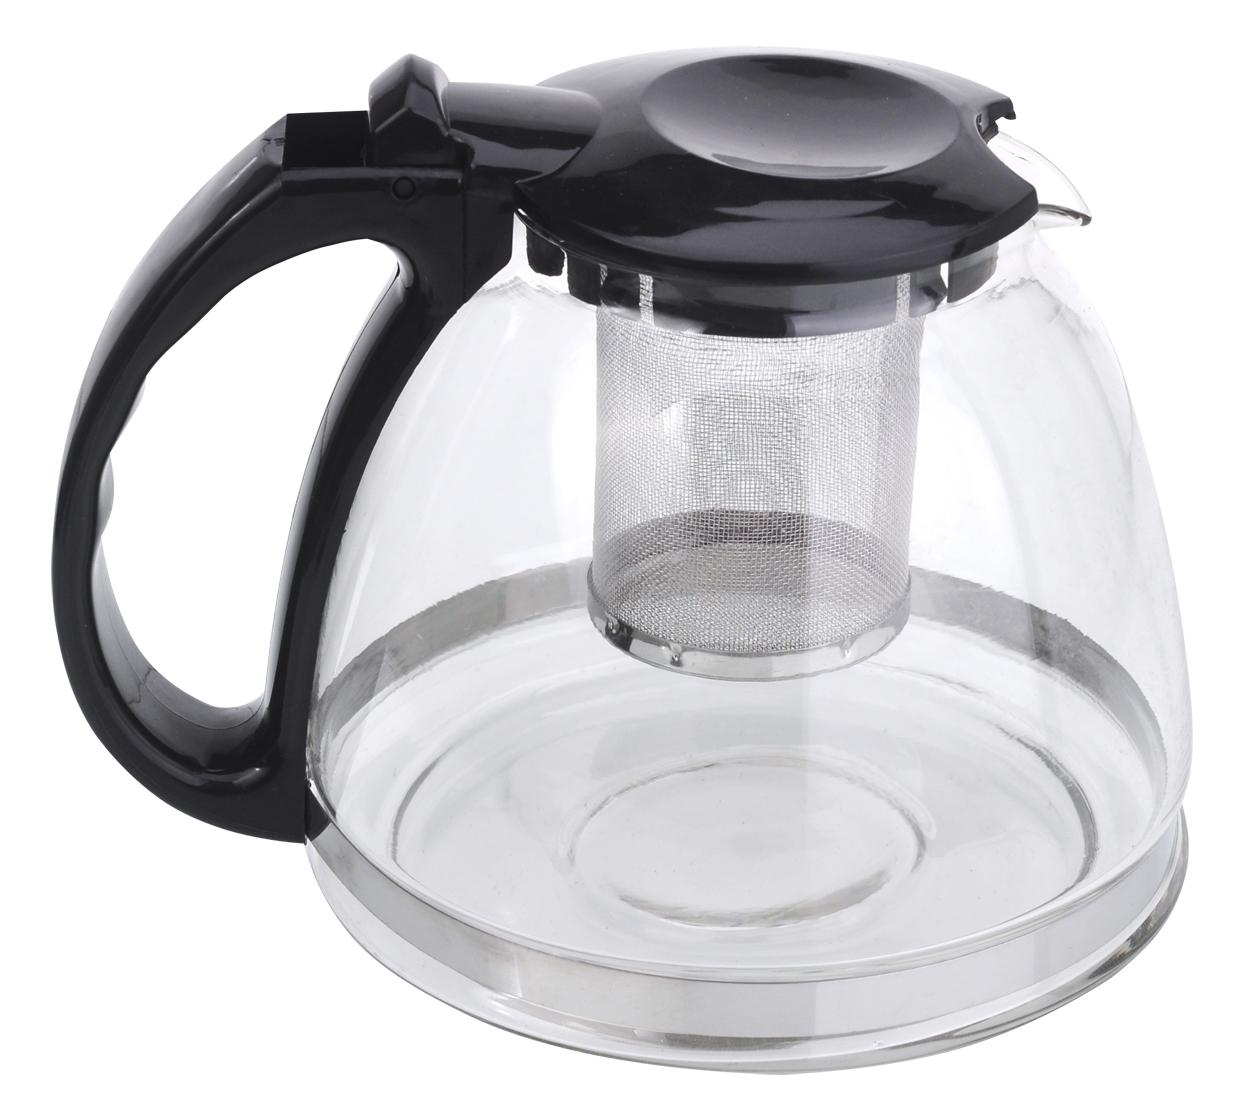 Чайник заварочный МФК-профит, с фильтром, цвет: черный, 1,3 лVT-1520(SR)Заварочный чайник МФК-профит предоставит вам все необходимые возможности для успешного заваривания чая. Он изготовлен из термостойкого стекла и оснащен крышкой и ручкой из пластика, также имеется вставка из нержавеющей стали. Чай в таком чайнике дольше остается горячим, а полезные и ароматические вещества полностью сохраняются в напитке. Чайник оснащен фильтром, который выполнен из нержавеющей стали. Простой и удобный чайник поможет вам приготовить крепкий, ароматный чай. Нельзя мыть в посудомоечной машине. Не использовать в микроволновой печи.